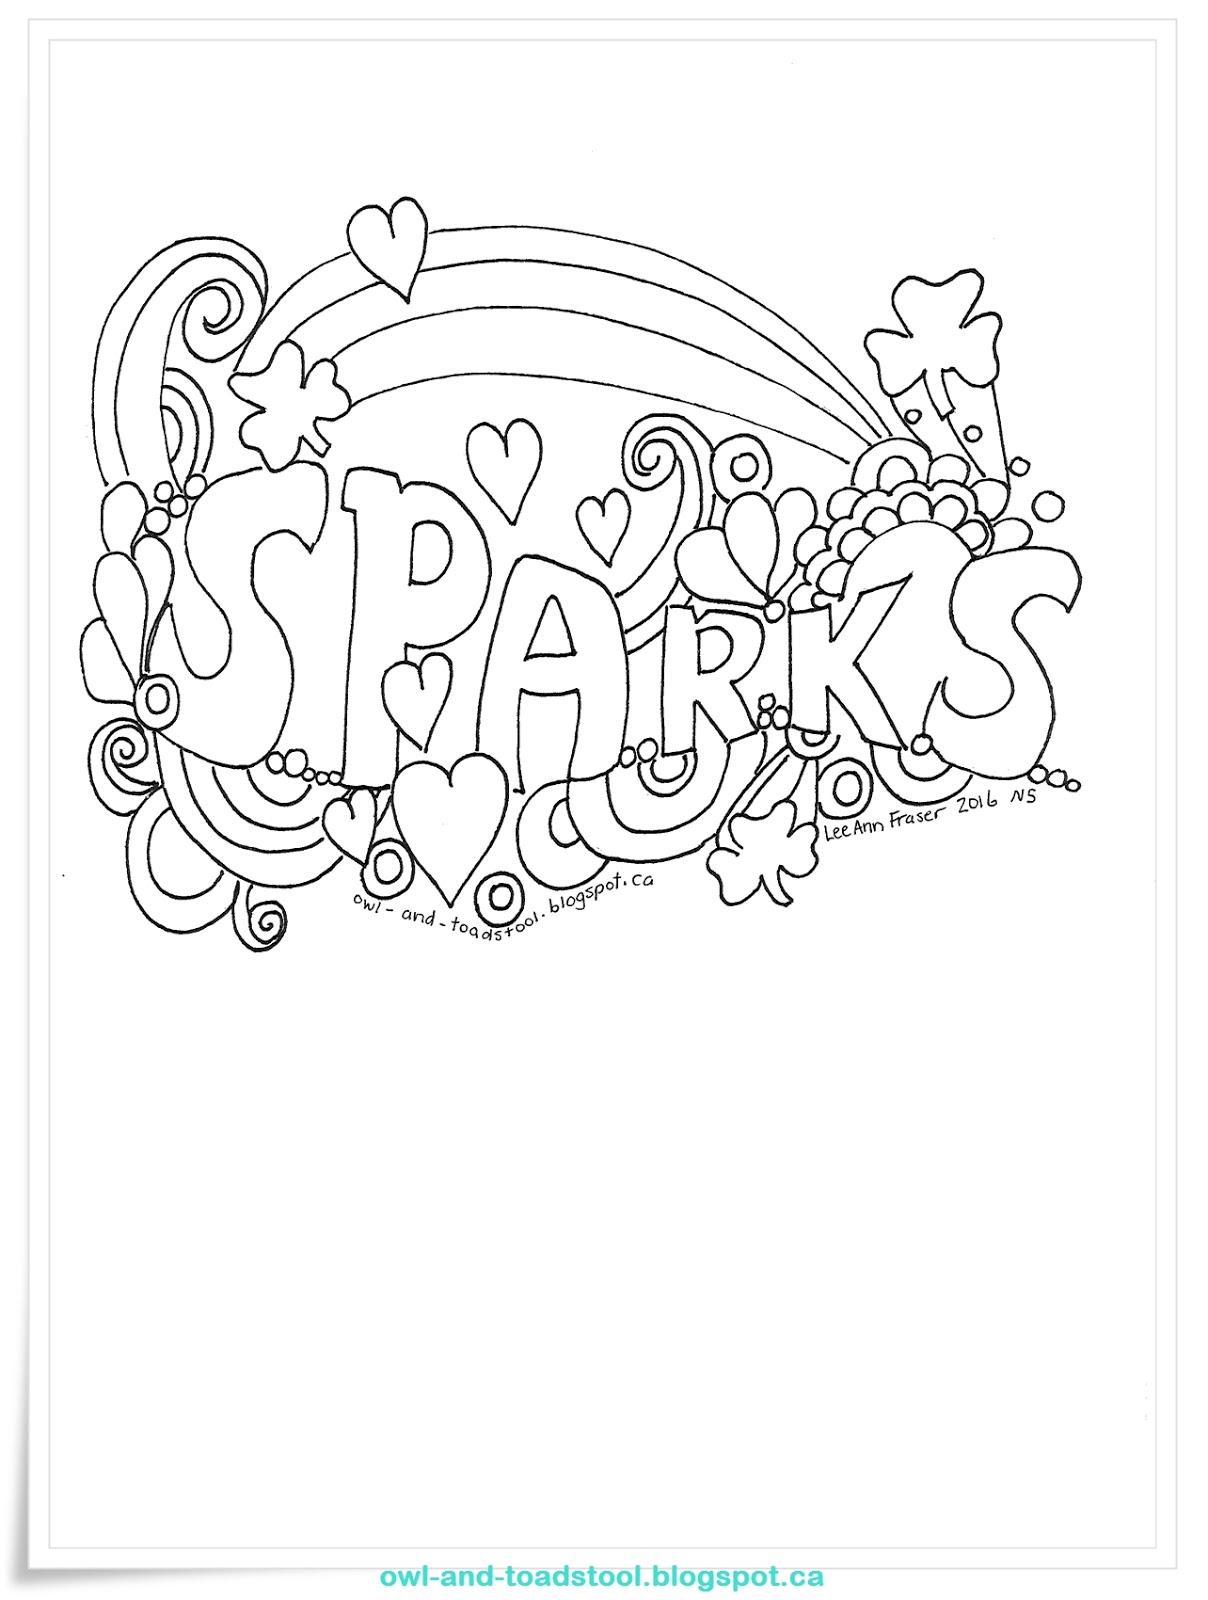 Owl & Toadstool: Doodle- Sparks